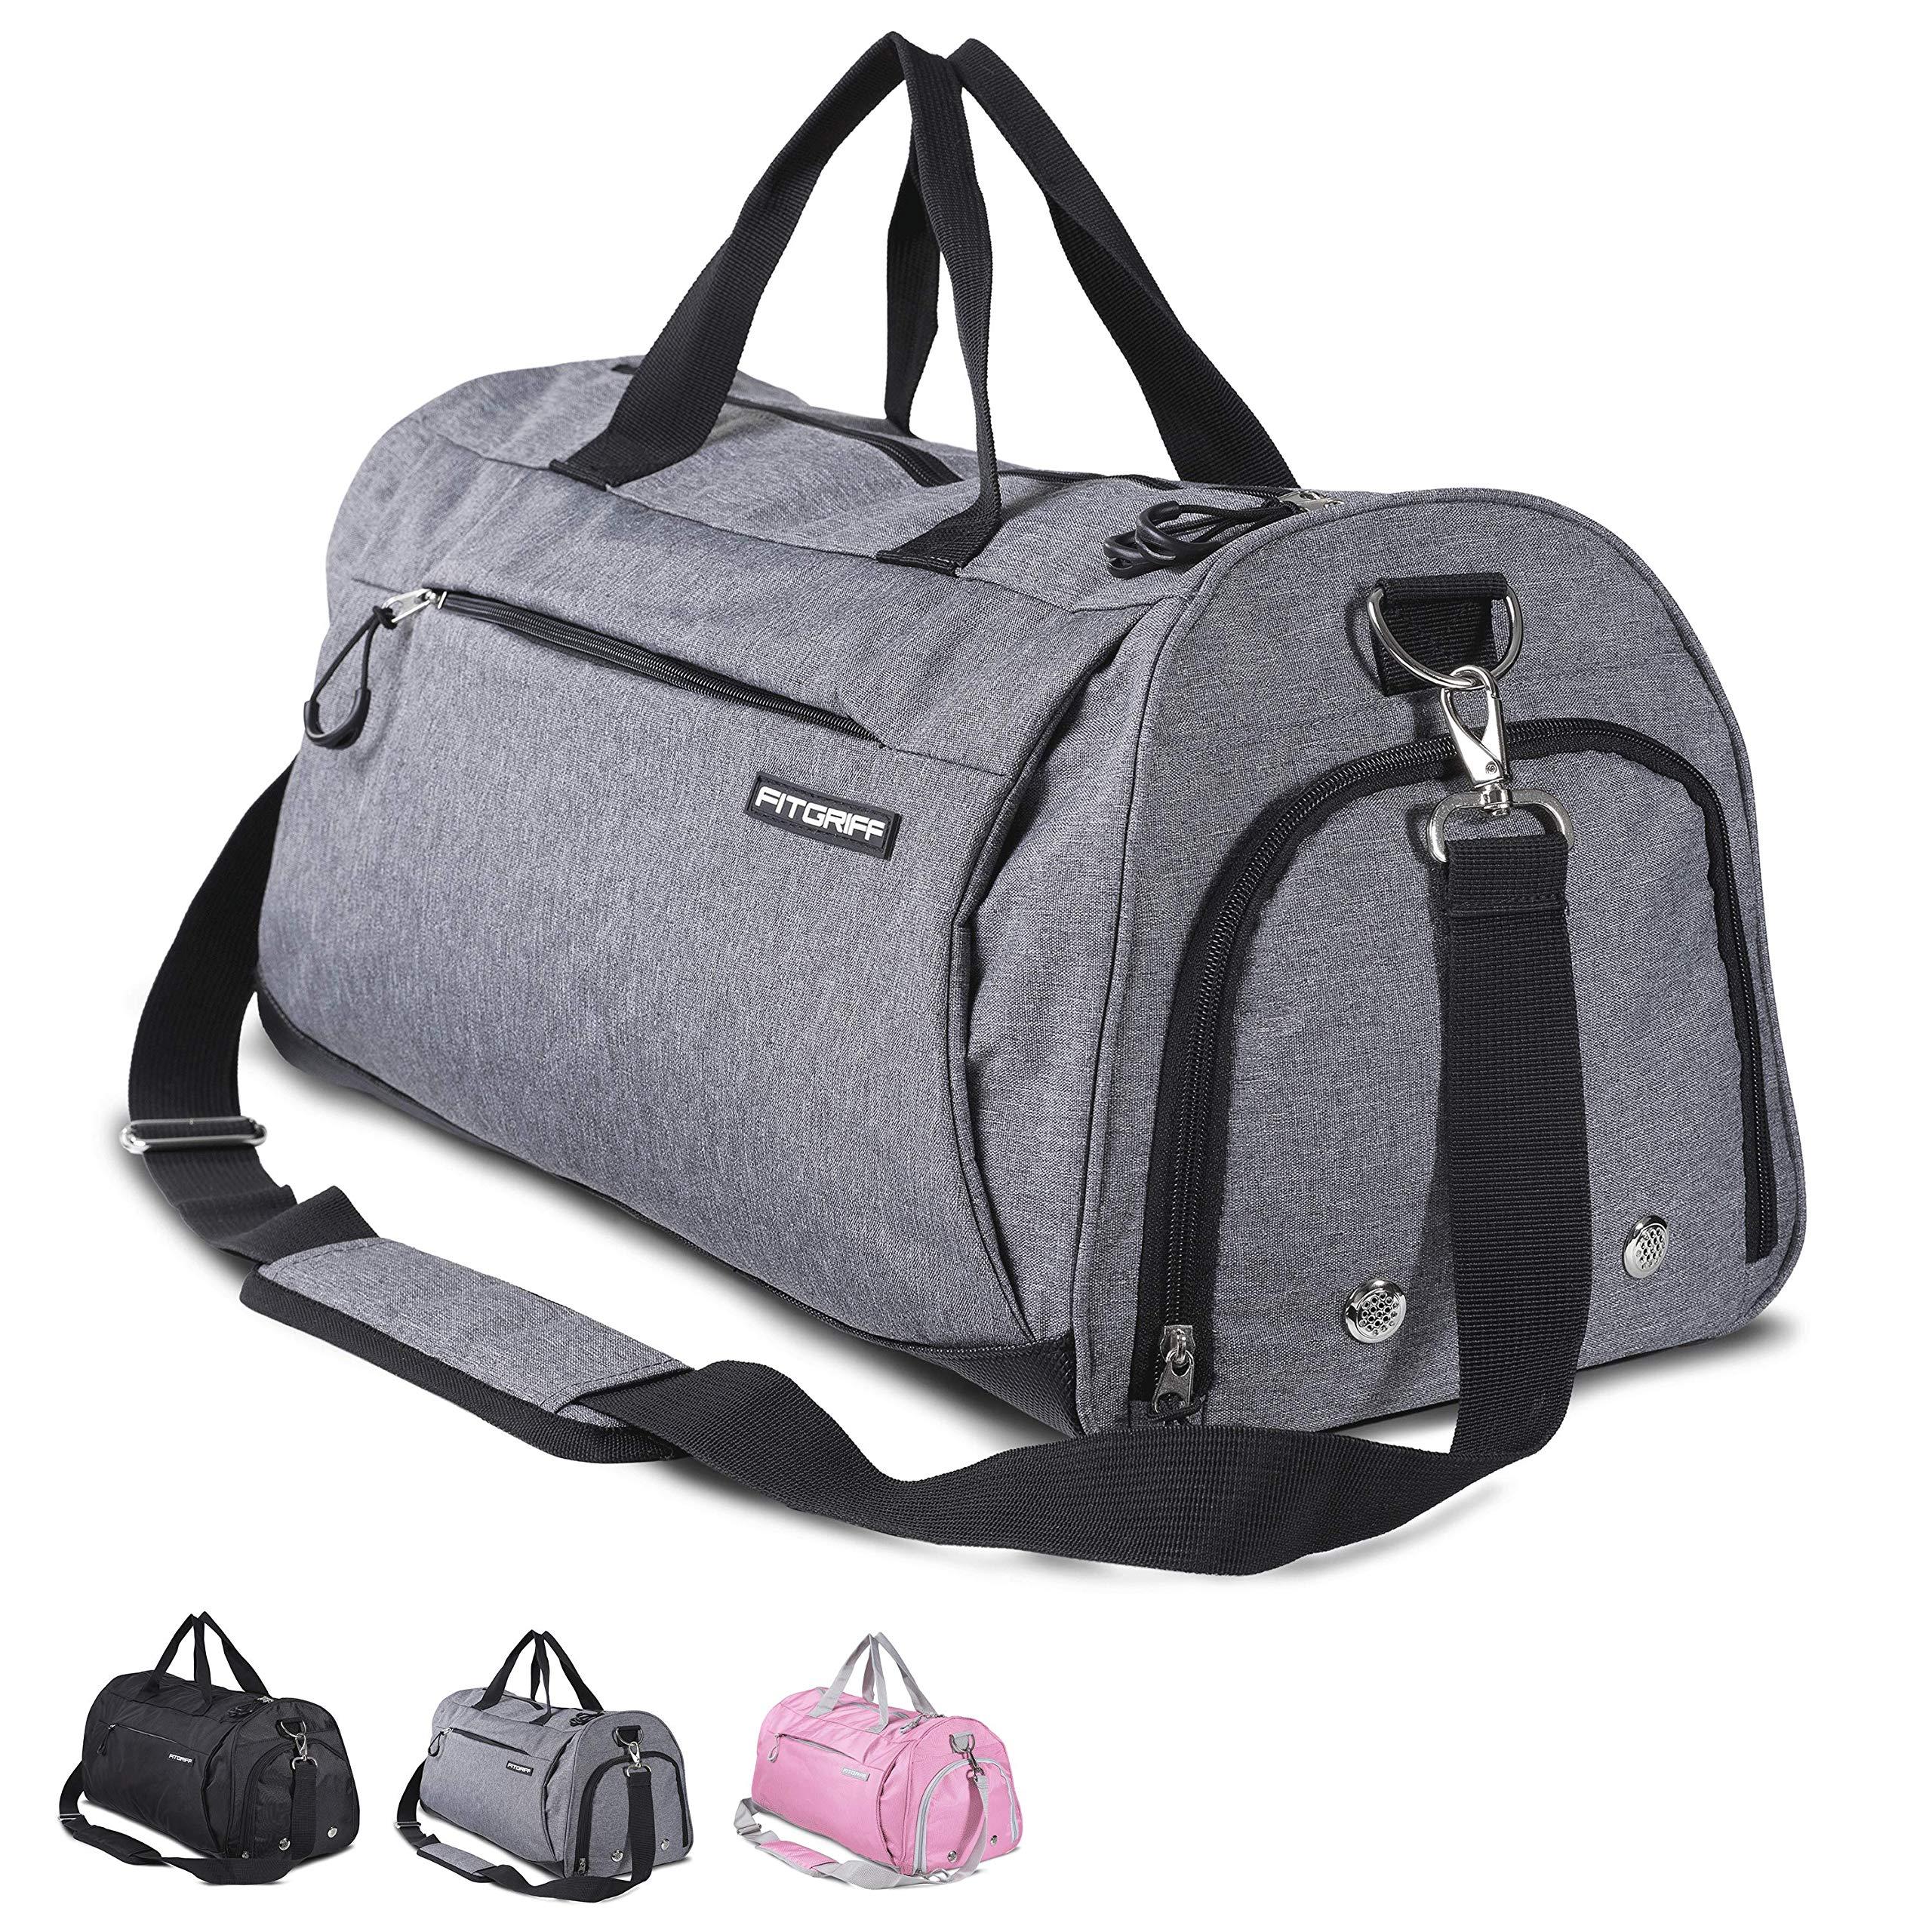 0d66c0351fcb4 Fitgriff Sporttasche - Fitnesstasche mit Schuhfach und Nassfach - Sport  Tasche für Frauen und Männer -